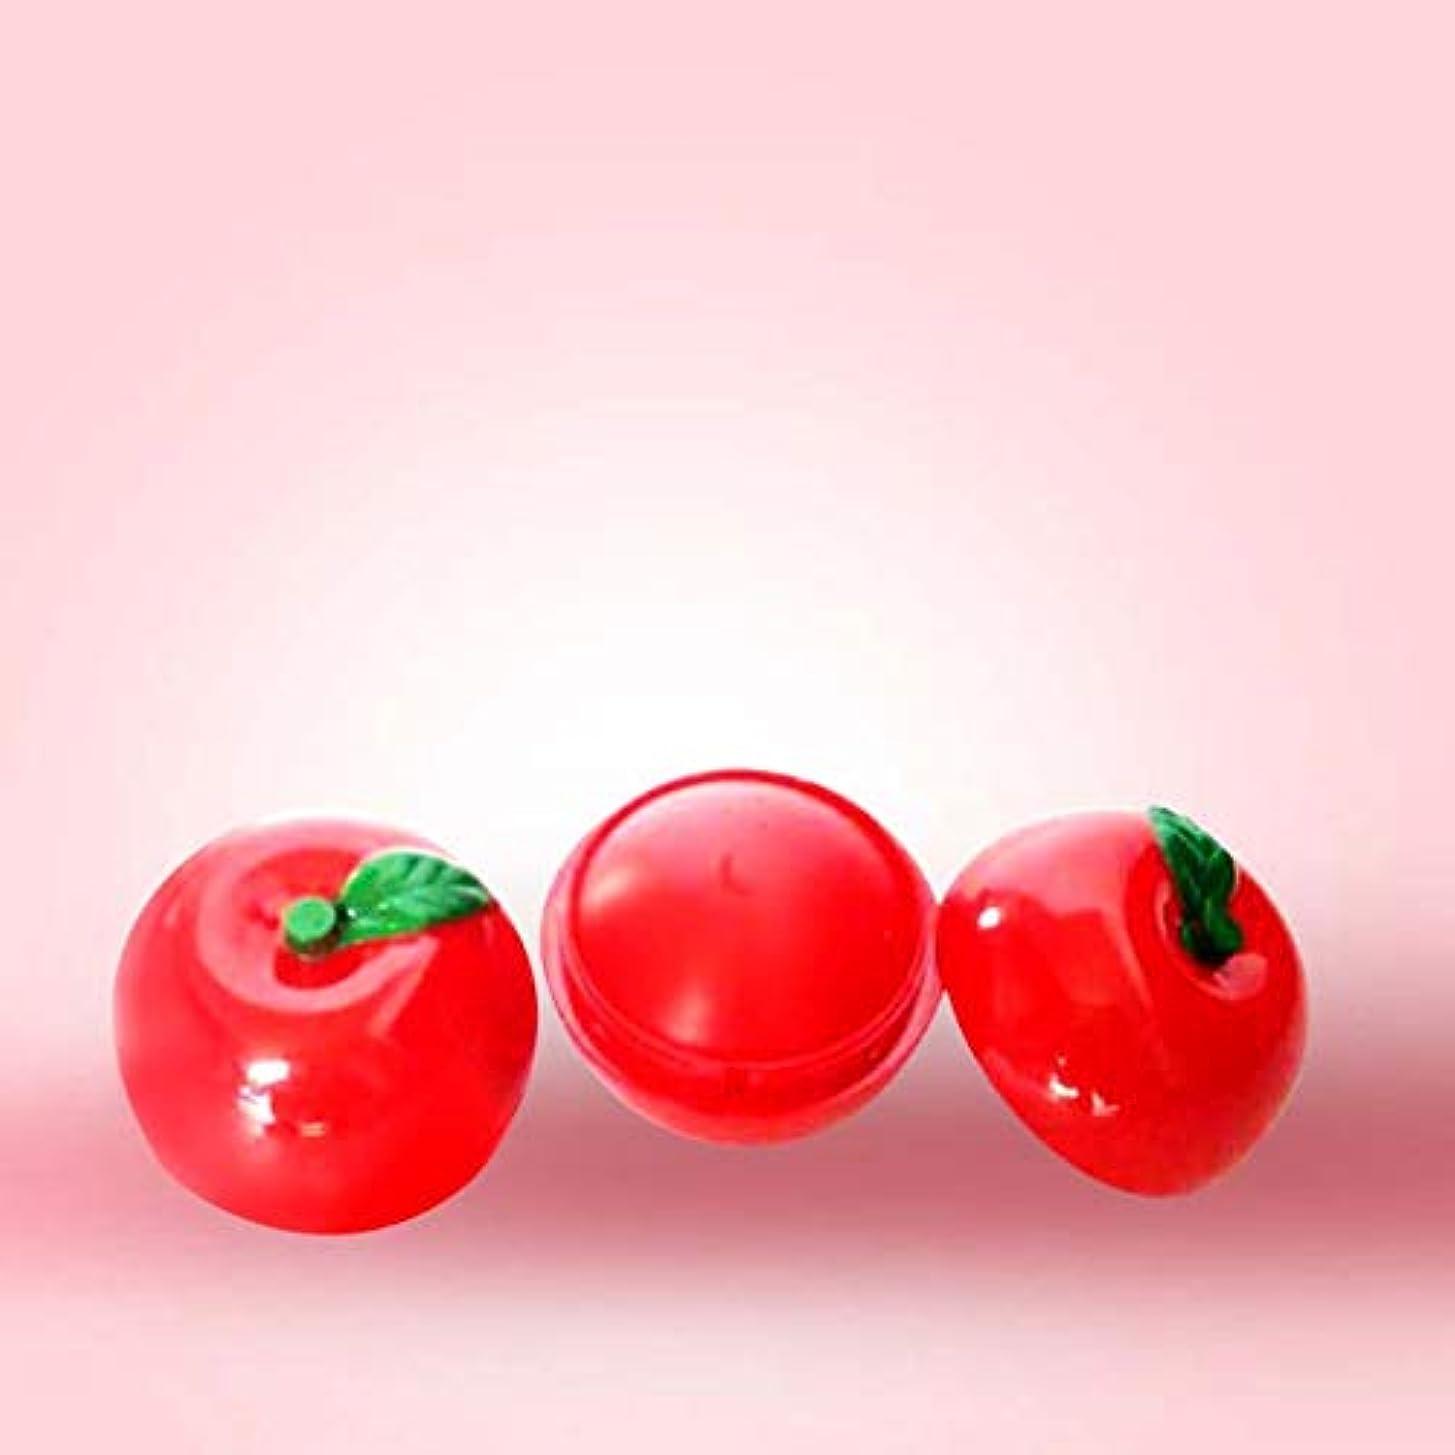 罪人重大リングバックKISSION 保湿と持続するリップクリーム ベビーリップスキンケア かわいいリンゴの球形の口紅 栄養と保湿 修理水リップスティック